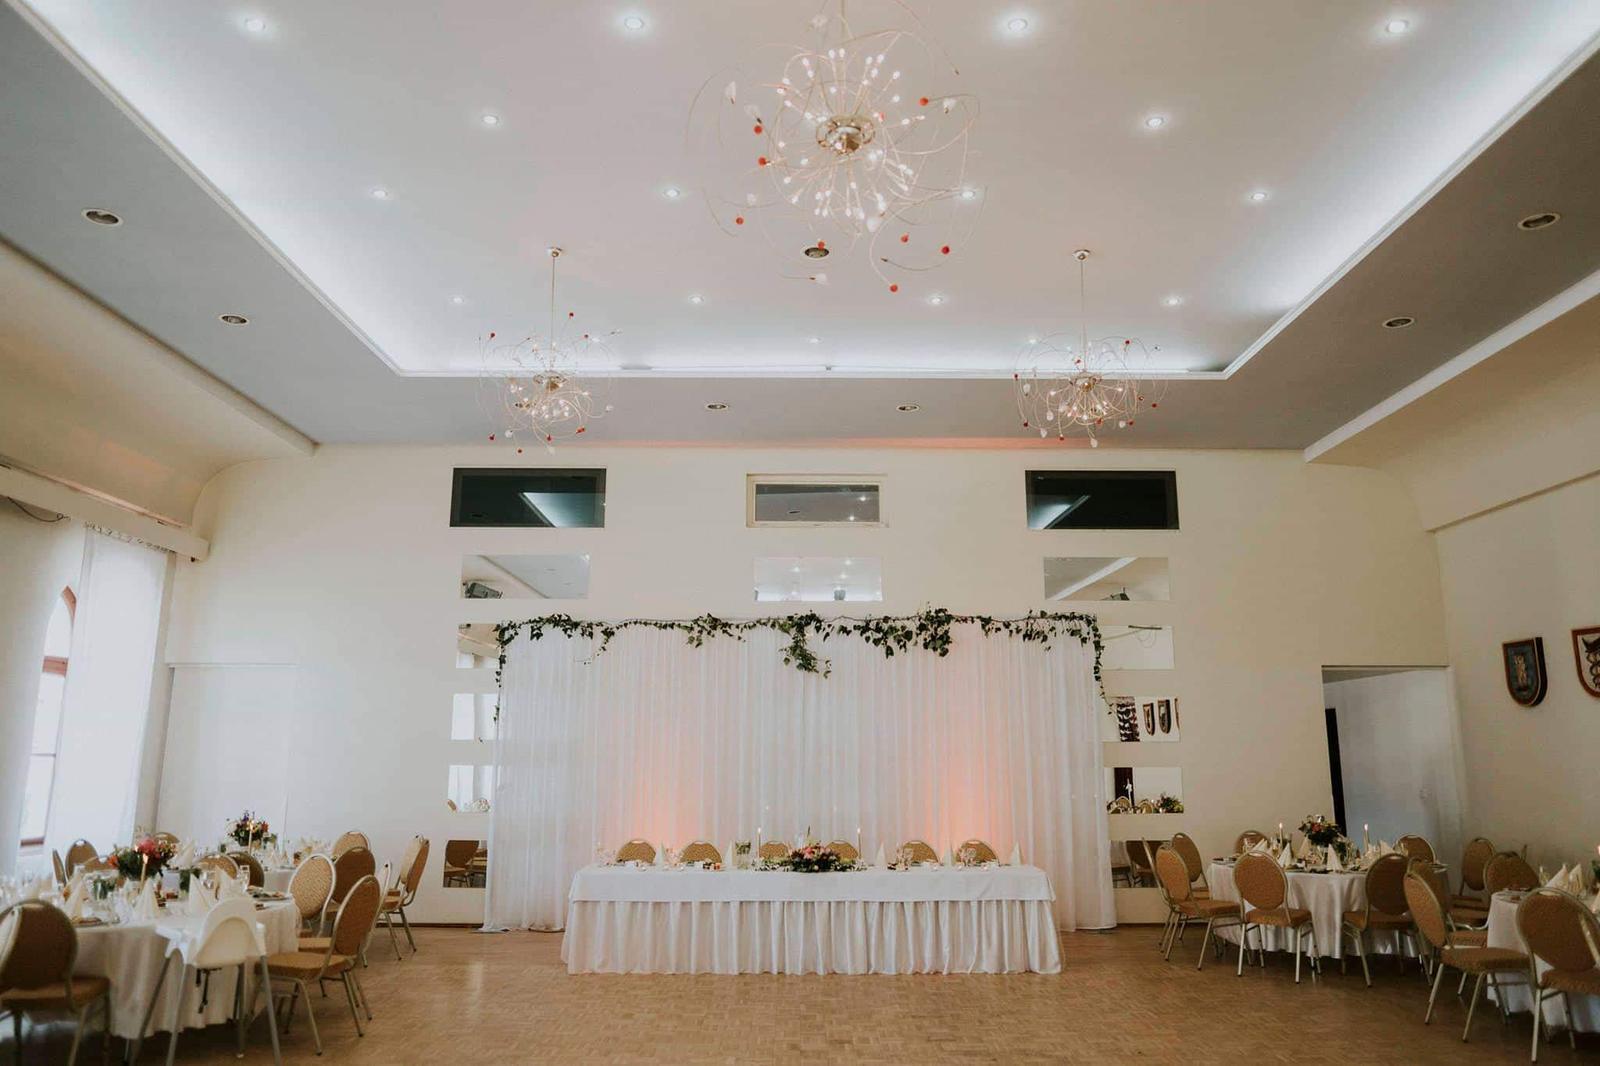 Svetelné steny za mladomanželský stôl - Svetelná stena 3x6m bez volánov, ktorú si môžte jednoducho ozdobiť presne podľa Vašej výzdoby.